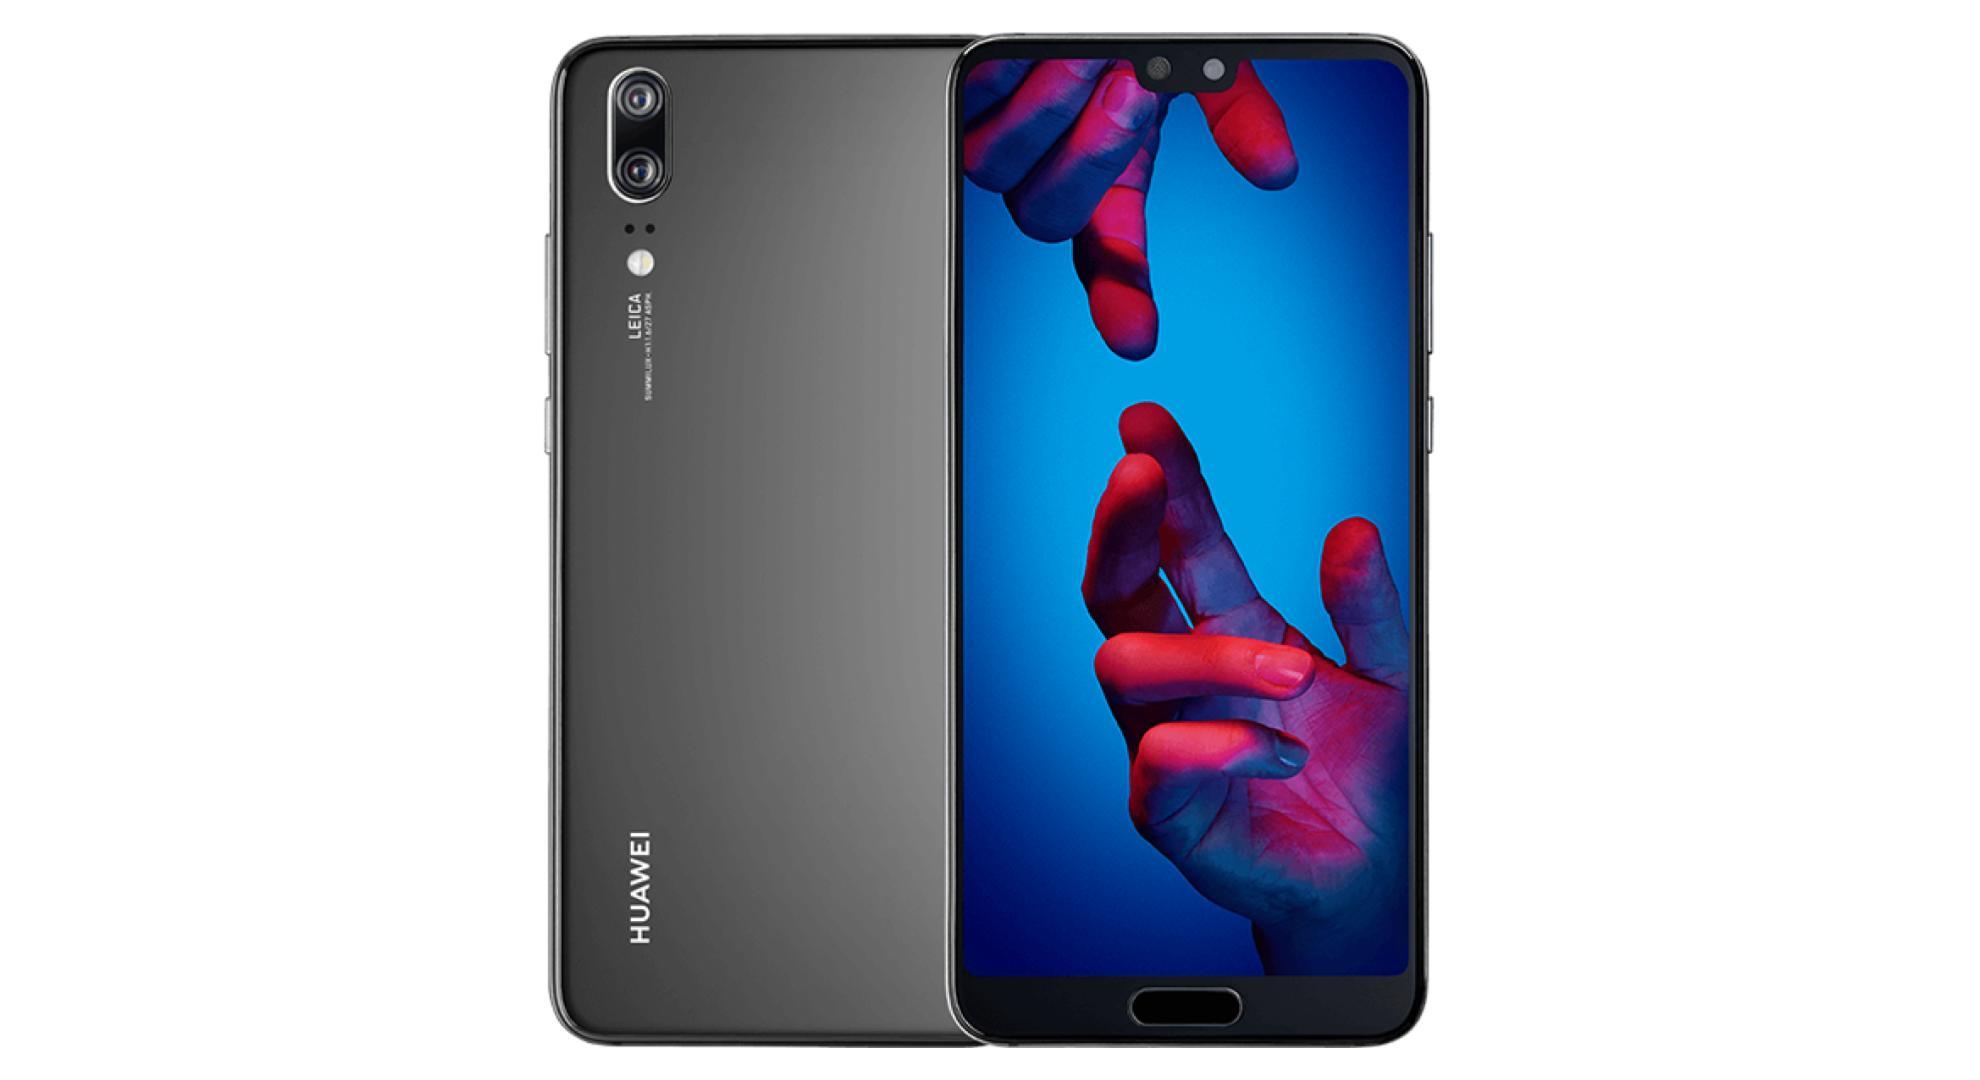 🔥 Déstockage : le Huawei P20 est bradé à seulement 379 euros